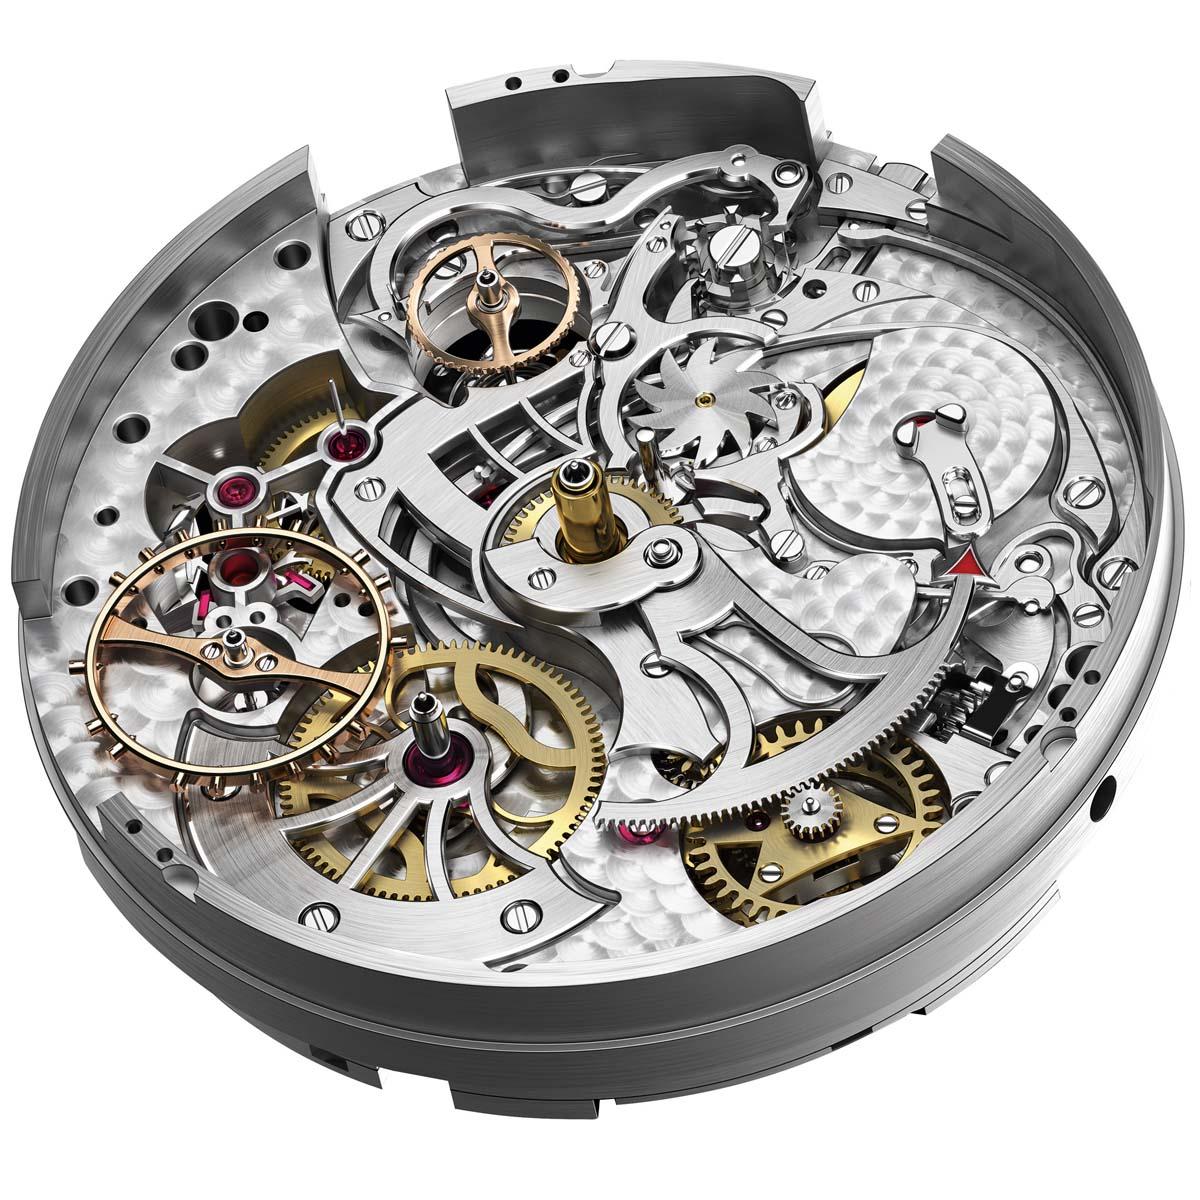 La Cote des Montres : Photo - Montblanc TimeWalker Chronograph 1000 Édition Limitée 18